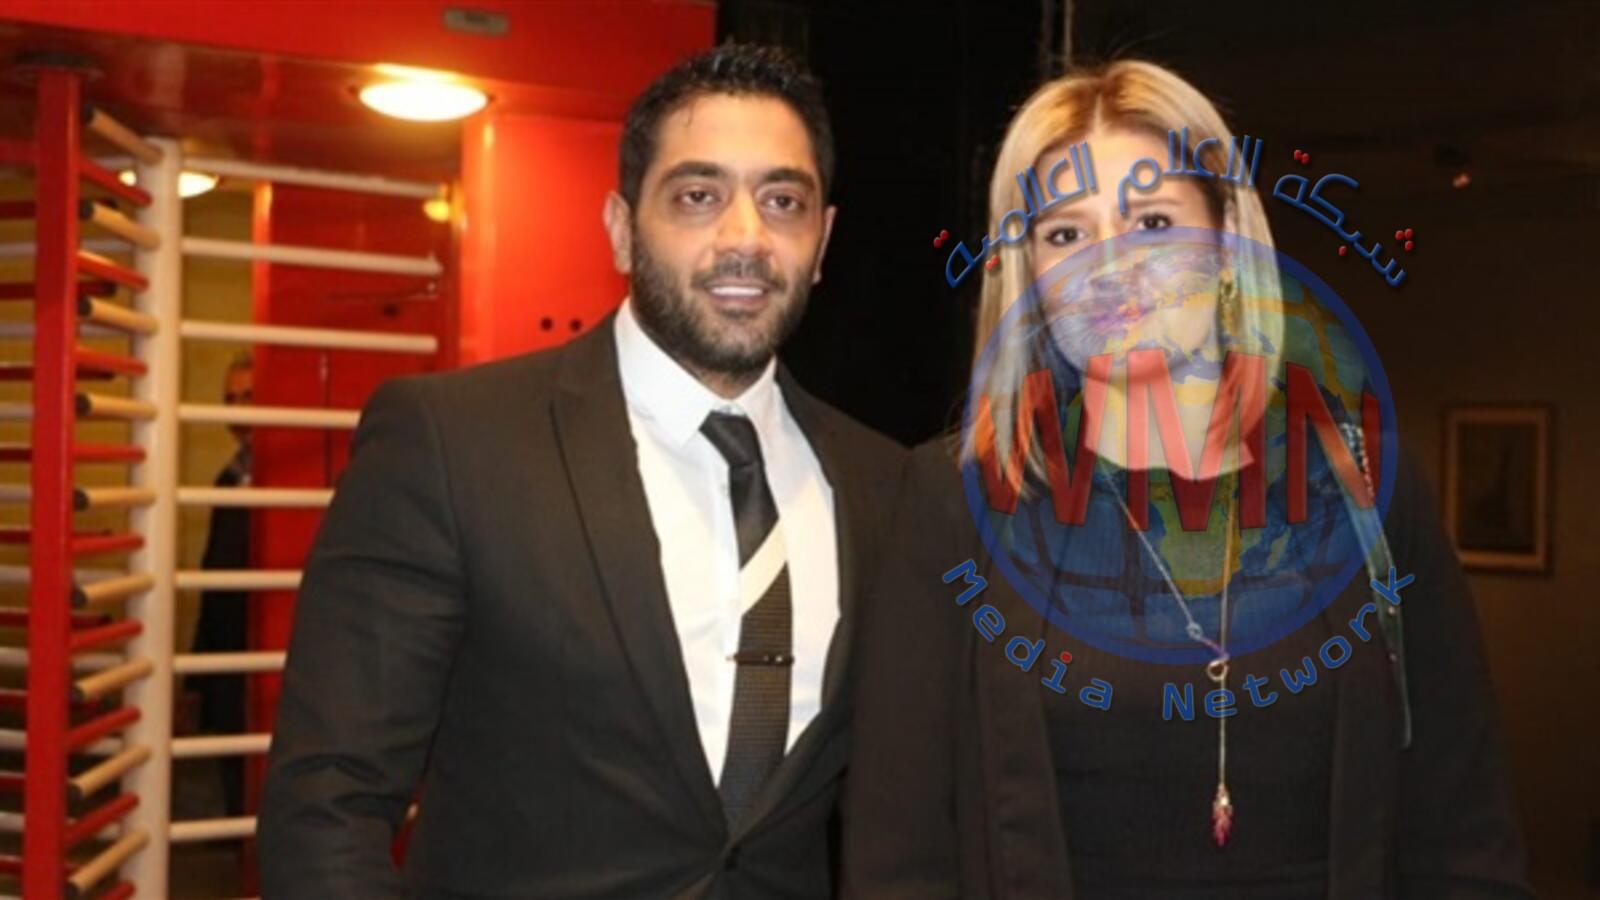 أحمد فلوكس يسيء لصحفي نشر خبرًا عن طليقته هنا شيحة ومطالبة النقابة بالتدخل!